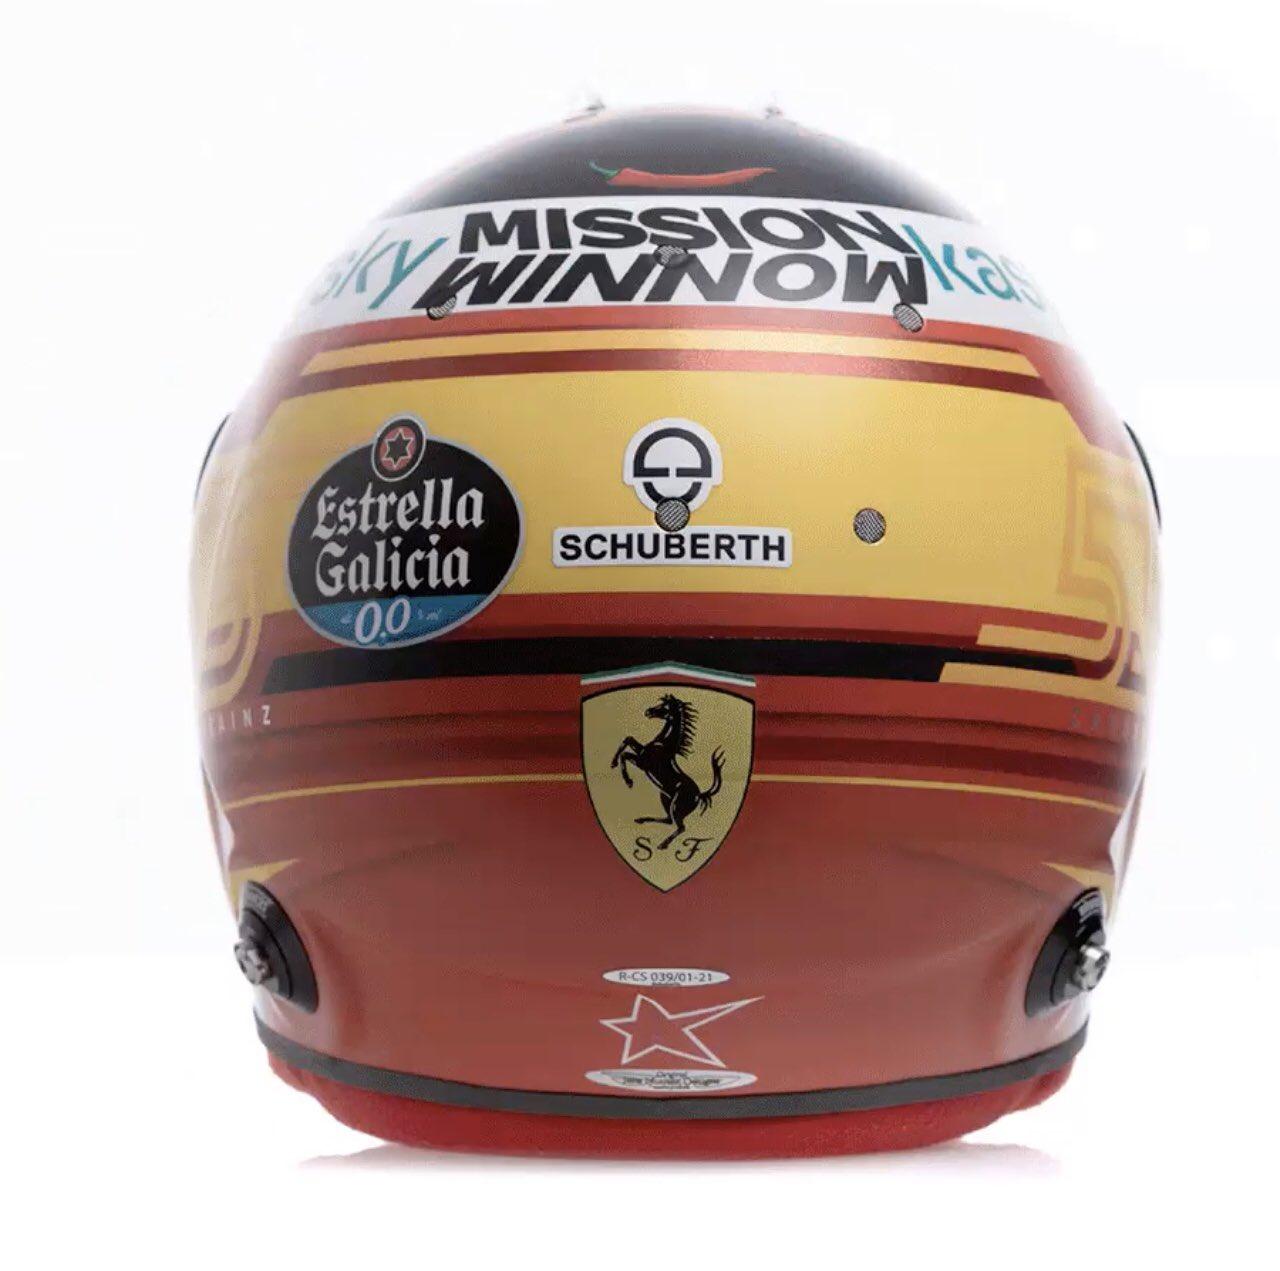 Formel 1 Helm 2021 Sainz